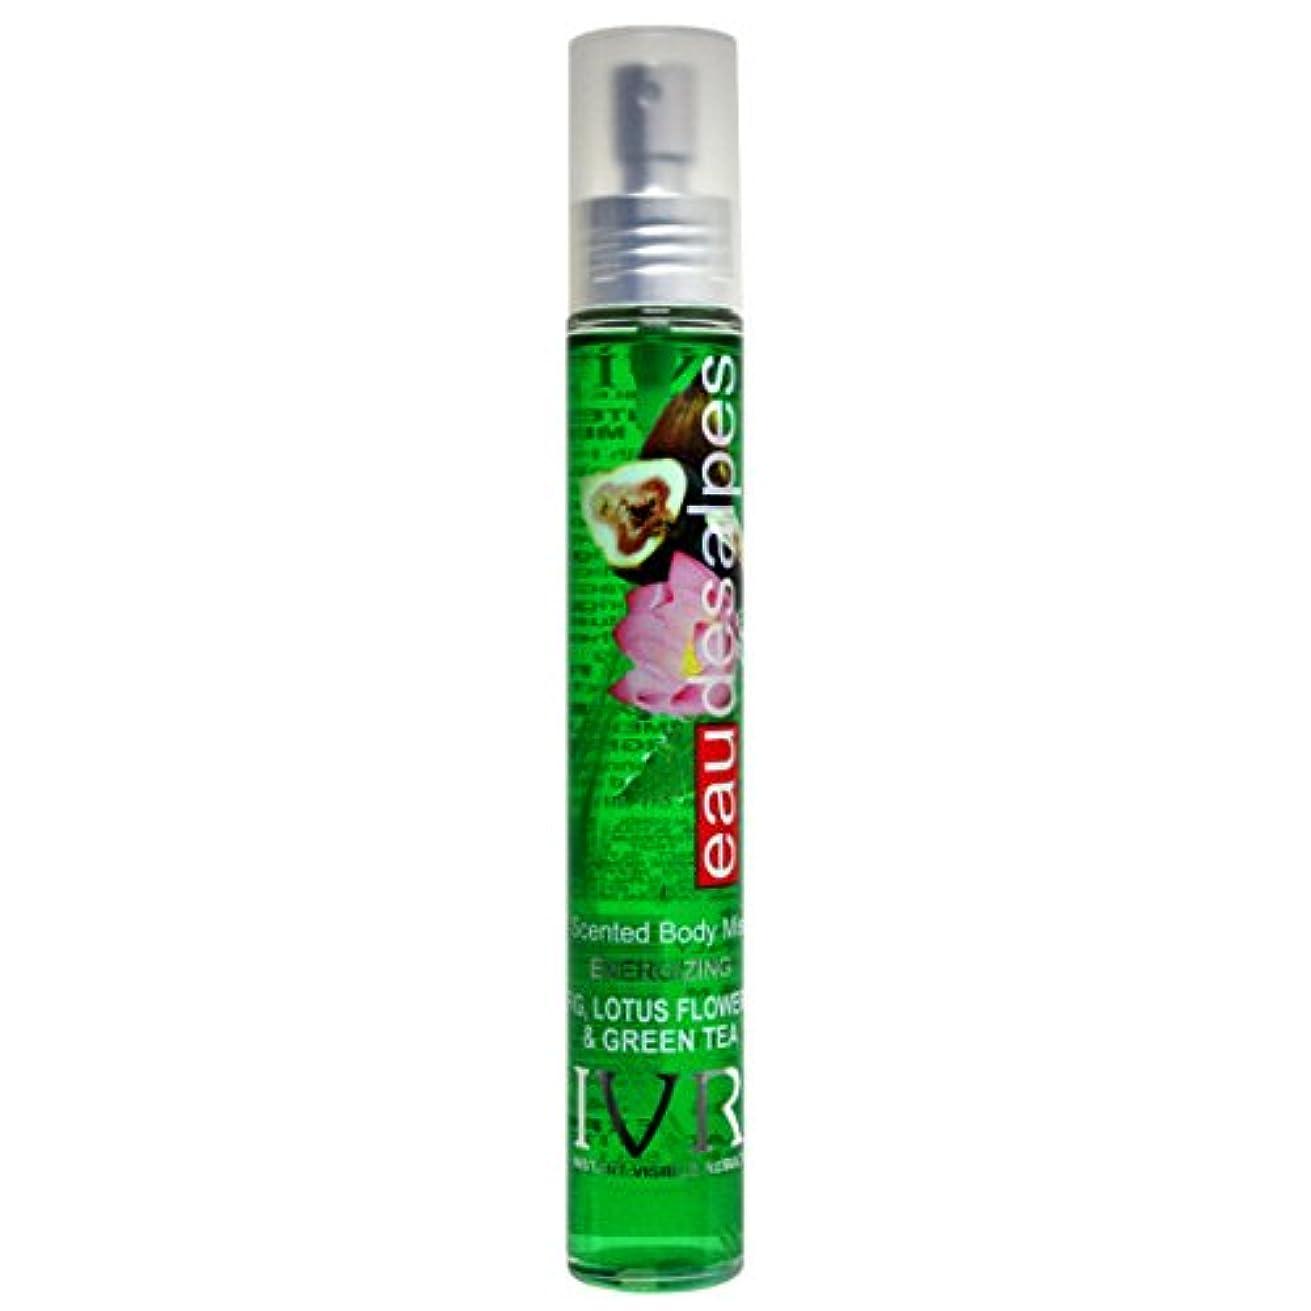 むちゃくちゃ気楽な酸っぱいIVR オーデアルプス センテドボディミスト フィグ,ロータスフラワー&グリーンティー 75ml